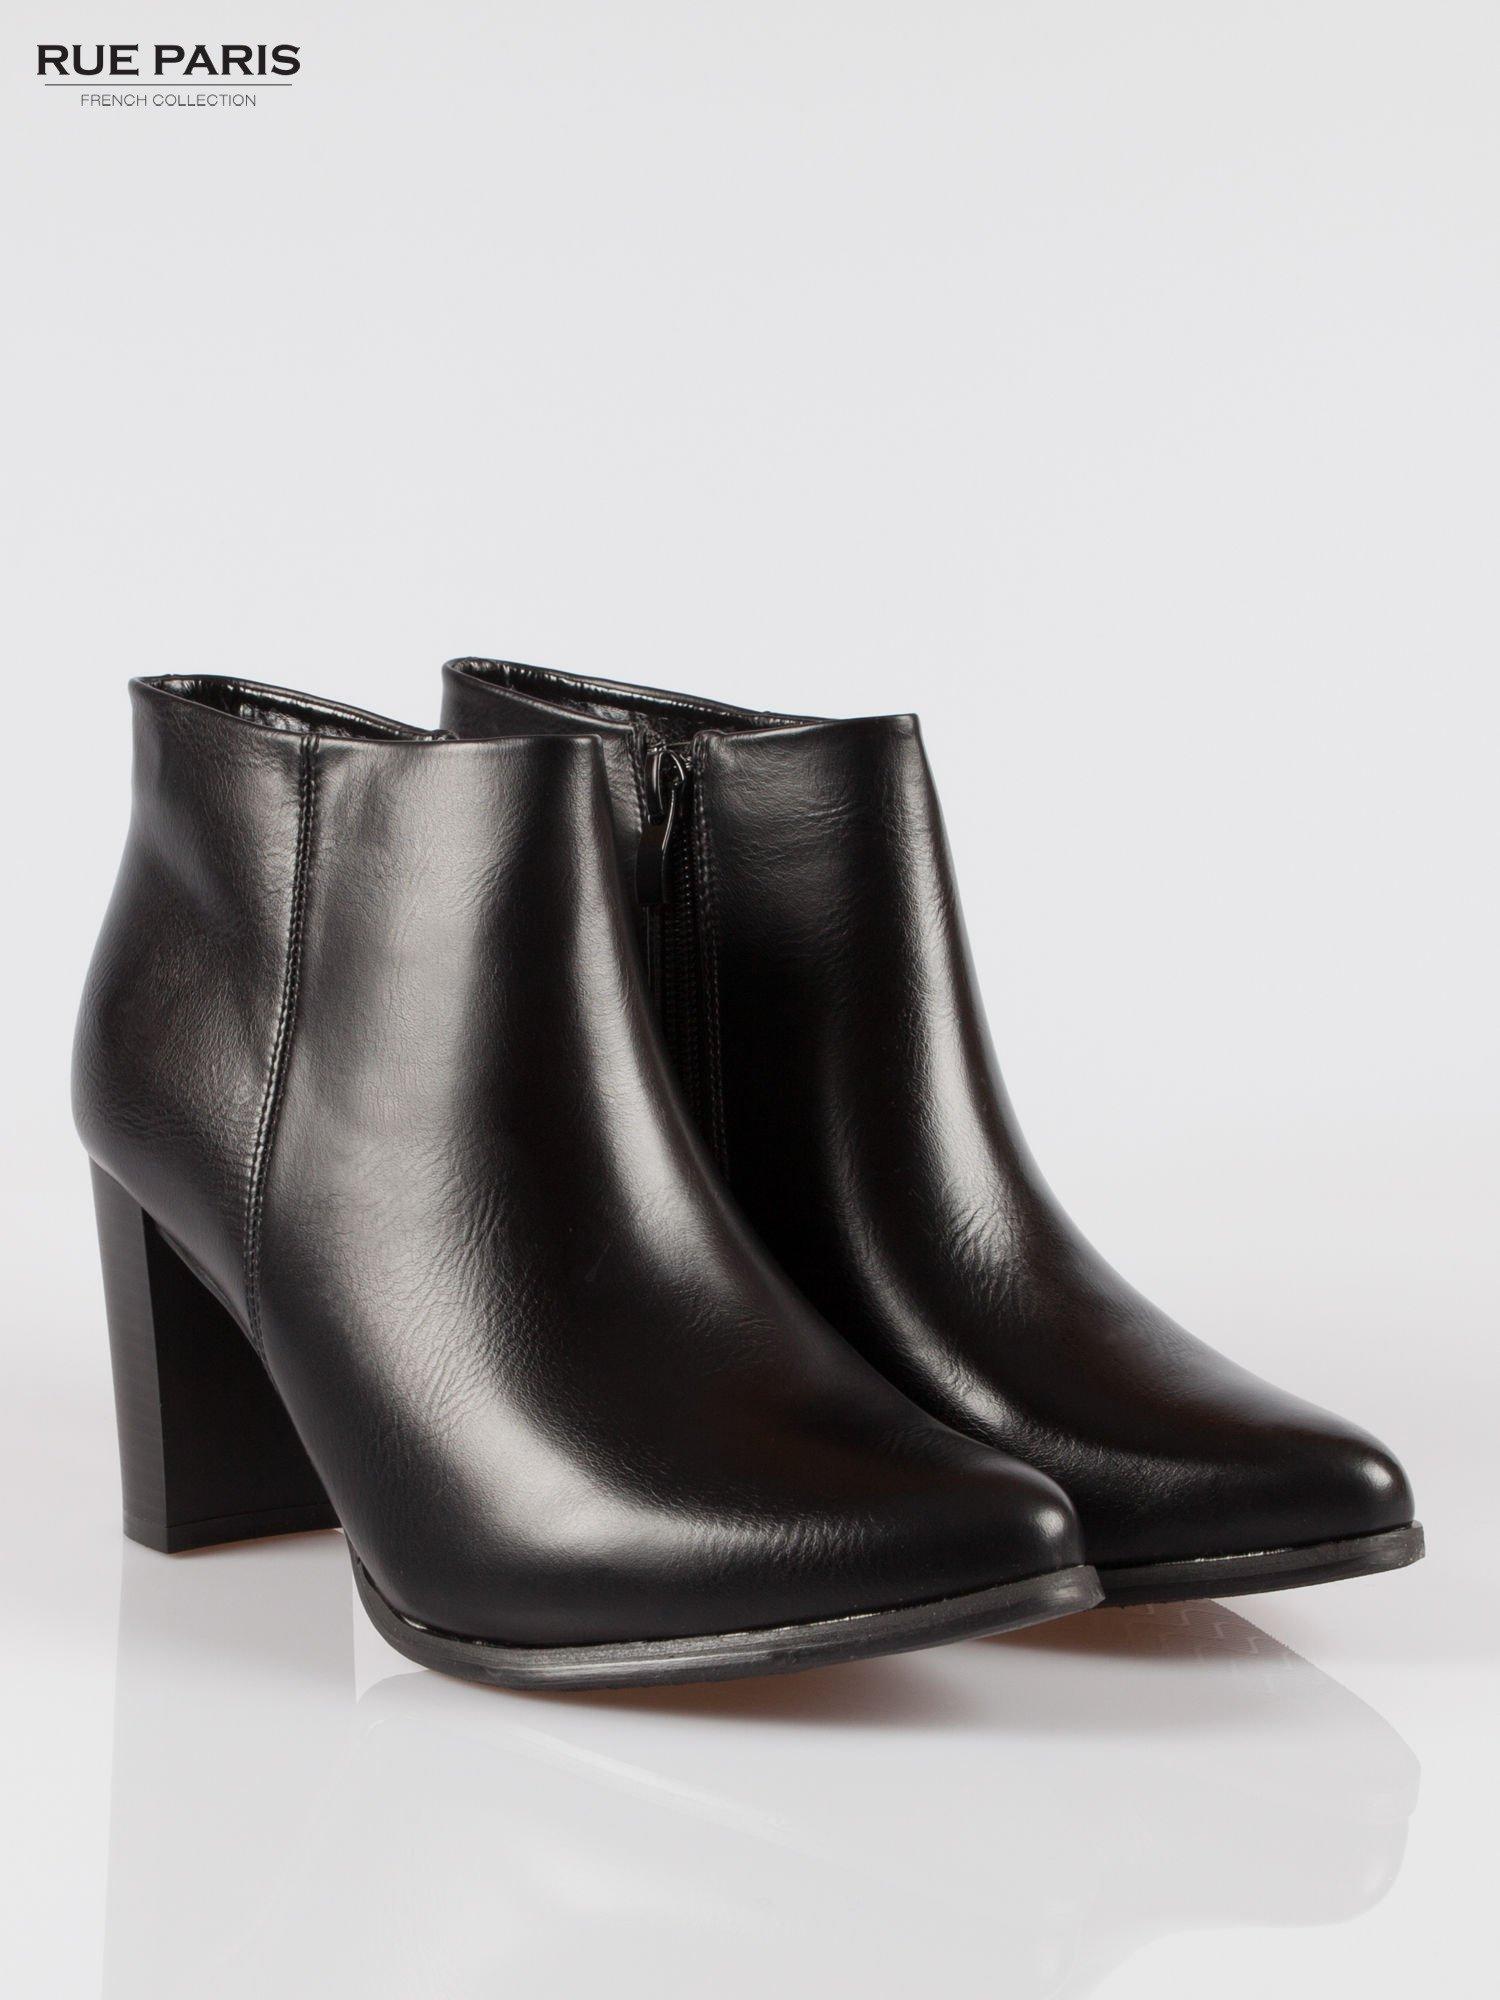 Czarne eleganckie botki na słupkowym obcasie                                  zdj.                                  2